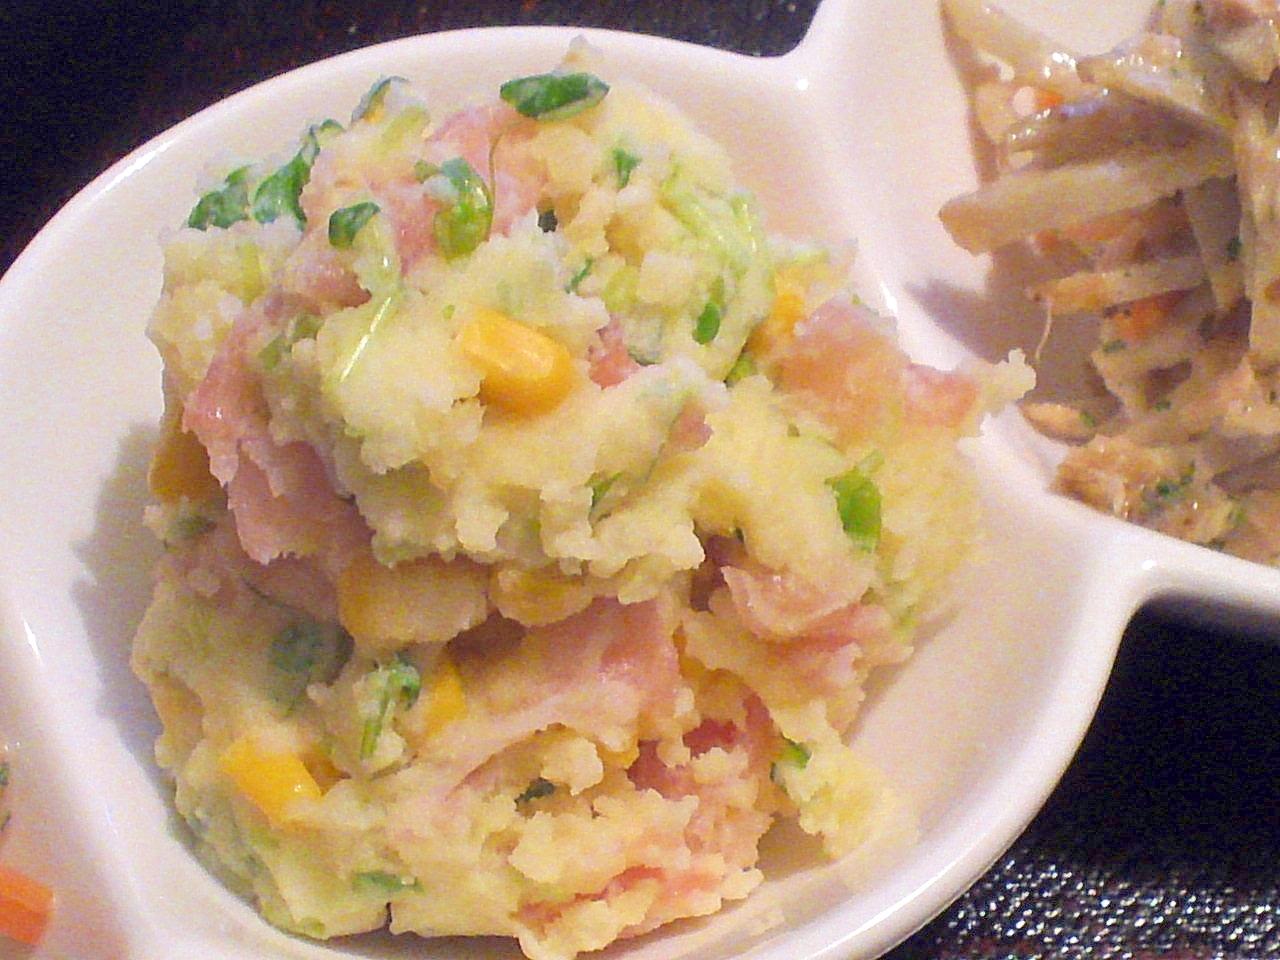 余り物で★生ハム・コーン・豆苗のポテトサラダ